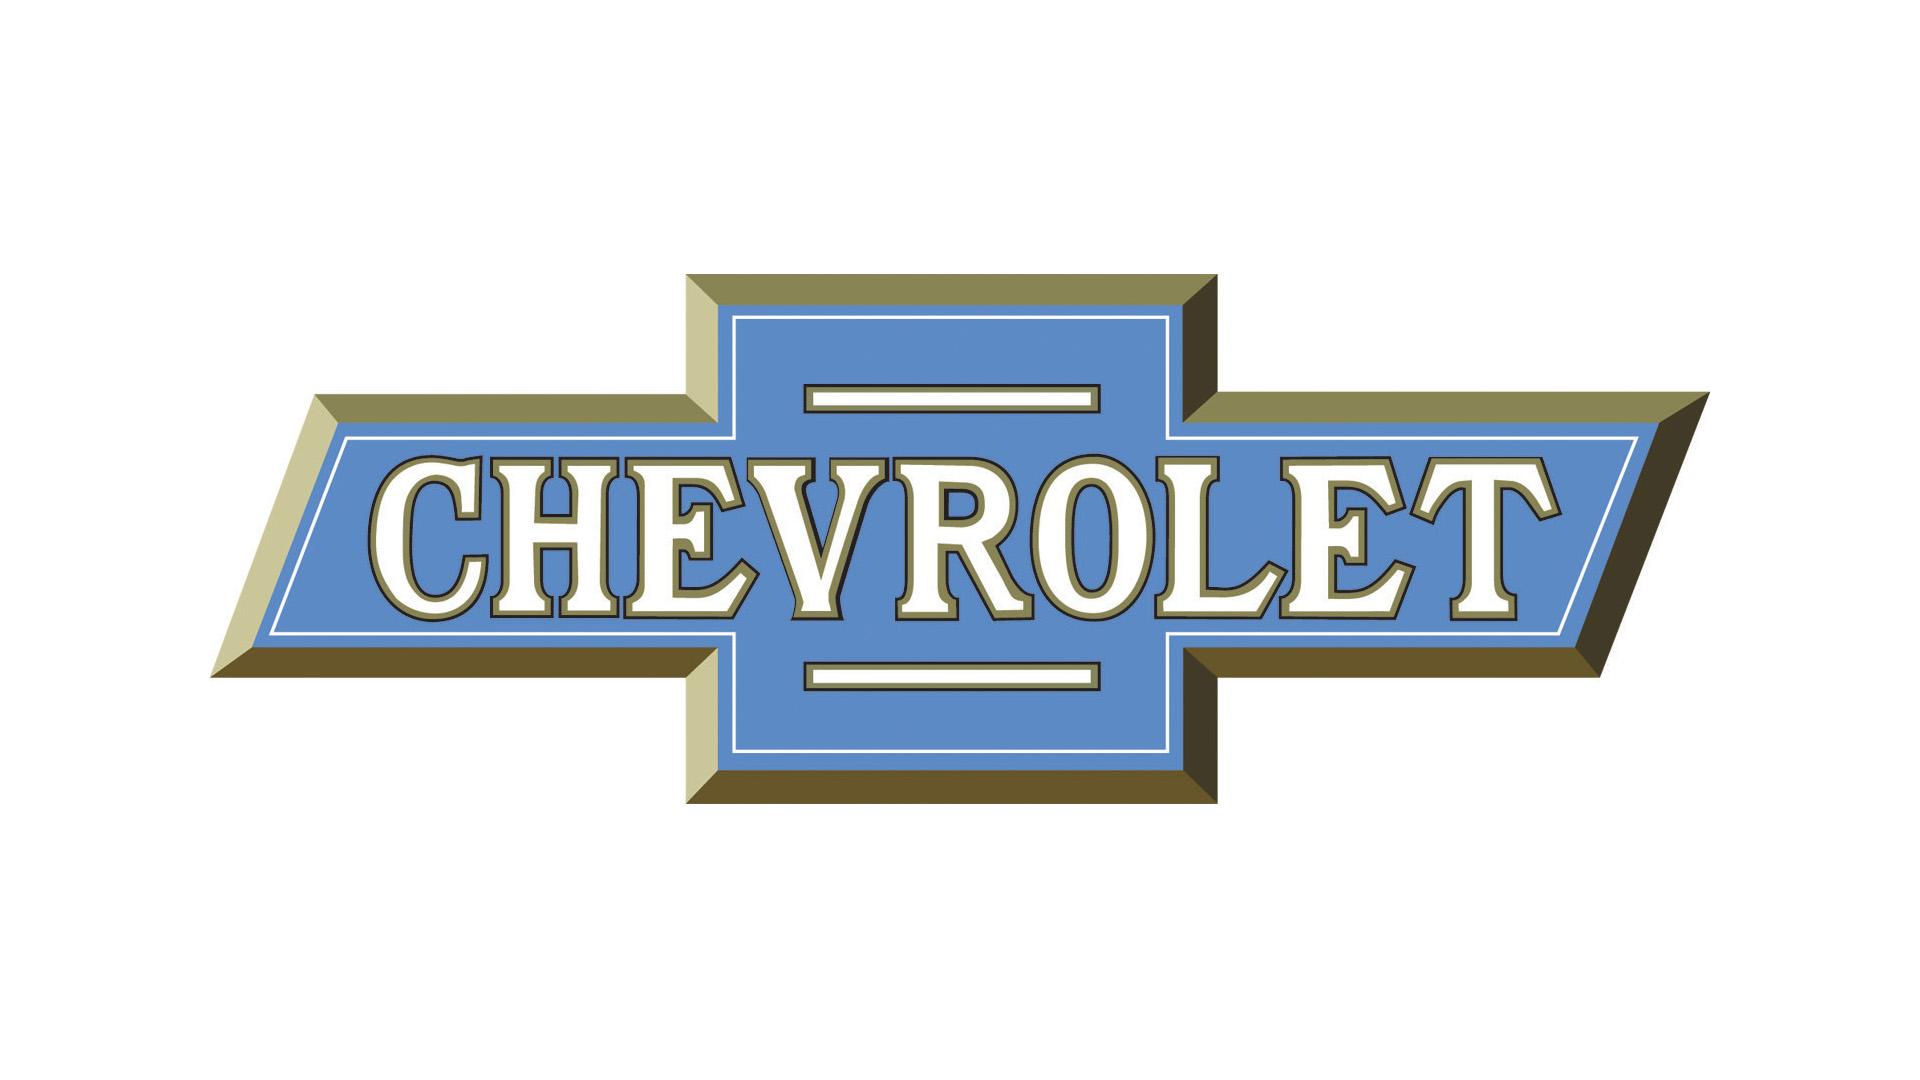 Chevrolet logo 1913 1920x1080